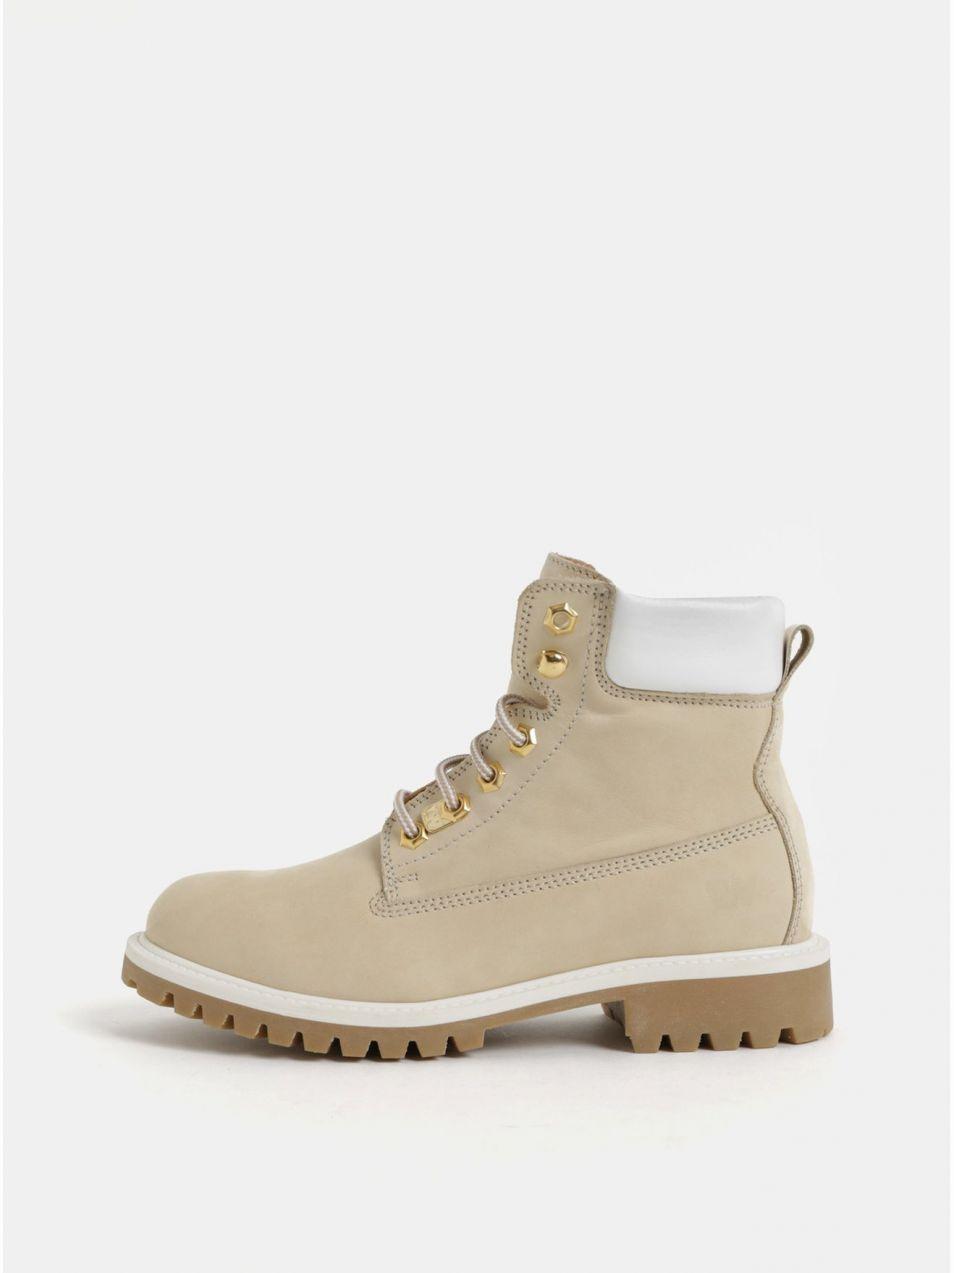 Krémové dámske kožené členkové topánky Weinbrenner značky ... 847be226f7d